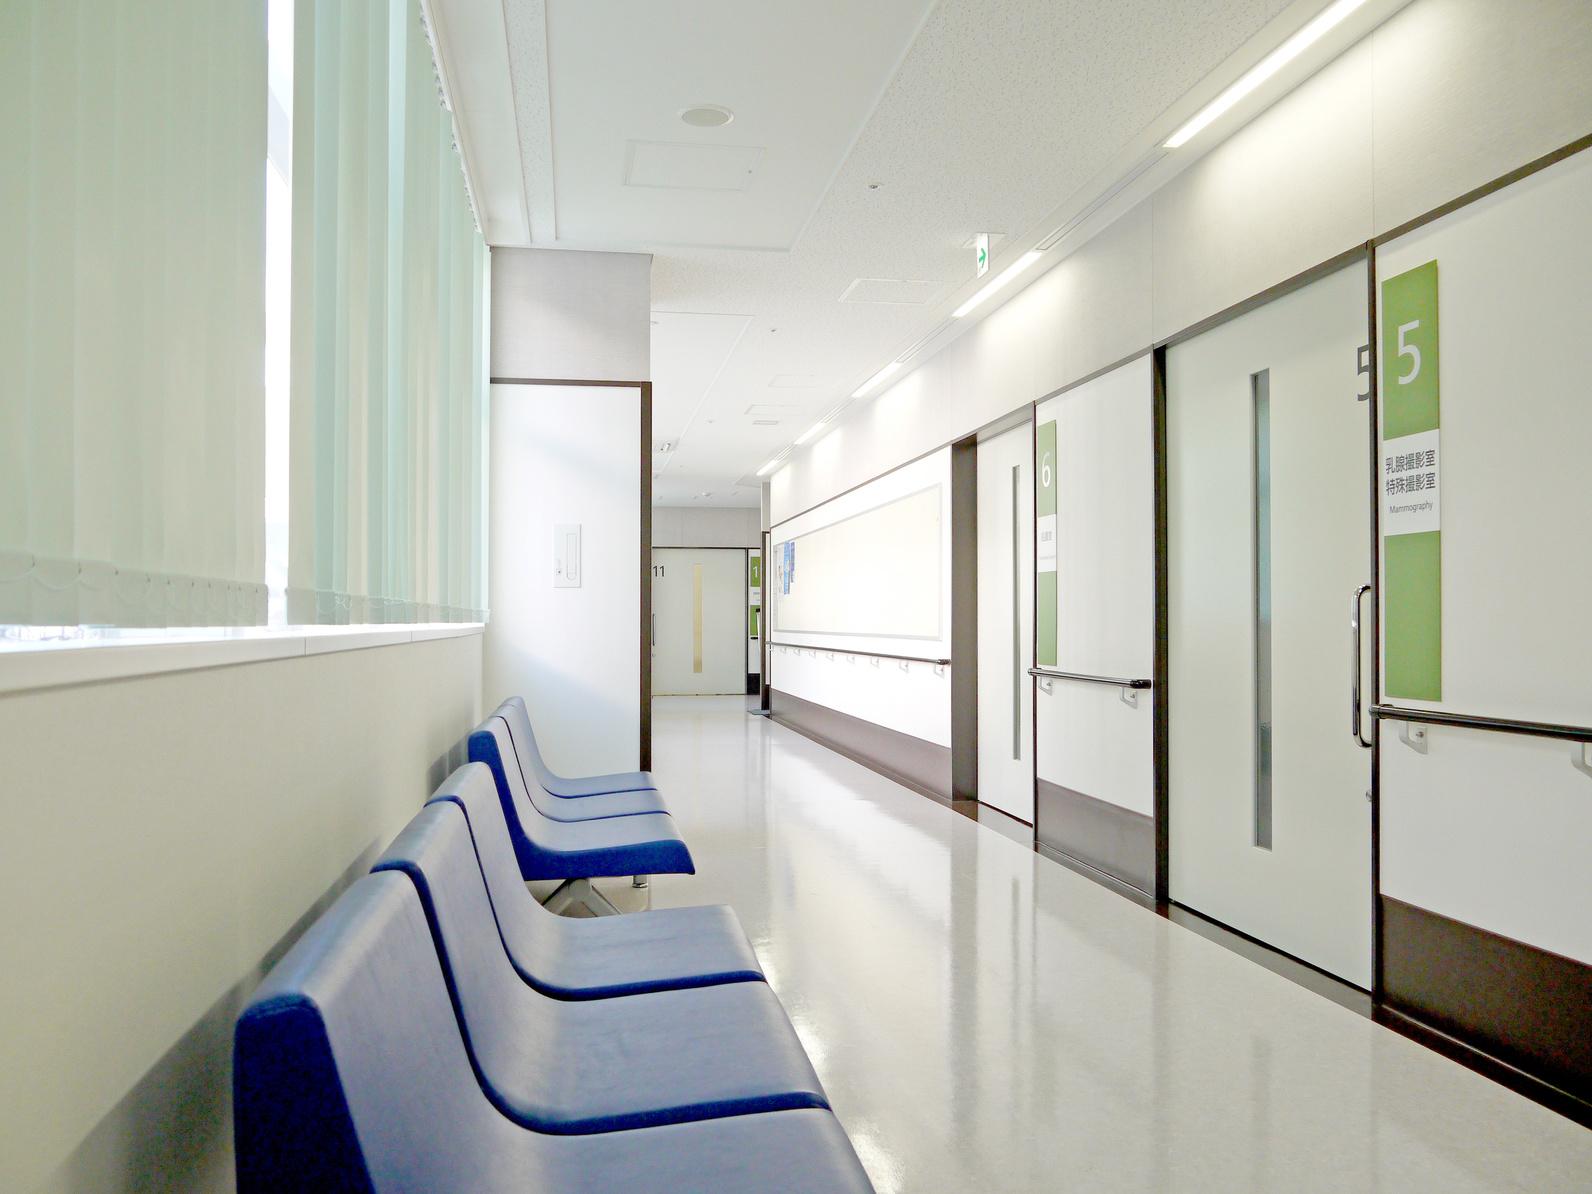 抗がん剤治療も年間症例数の多い名医のいる病院で受けると死亡リスクが低下します